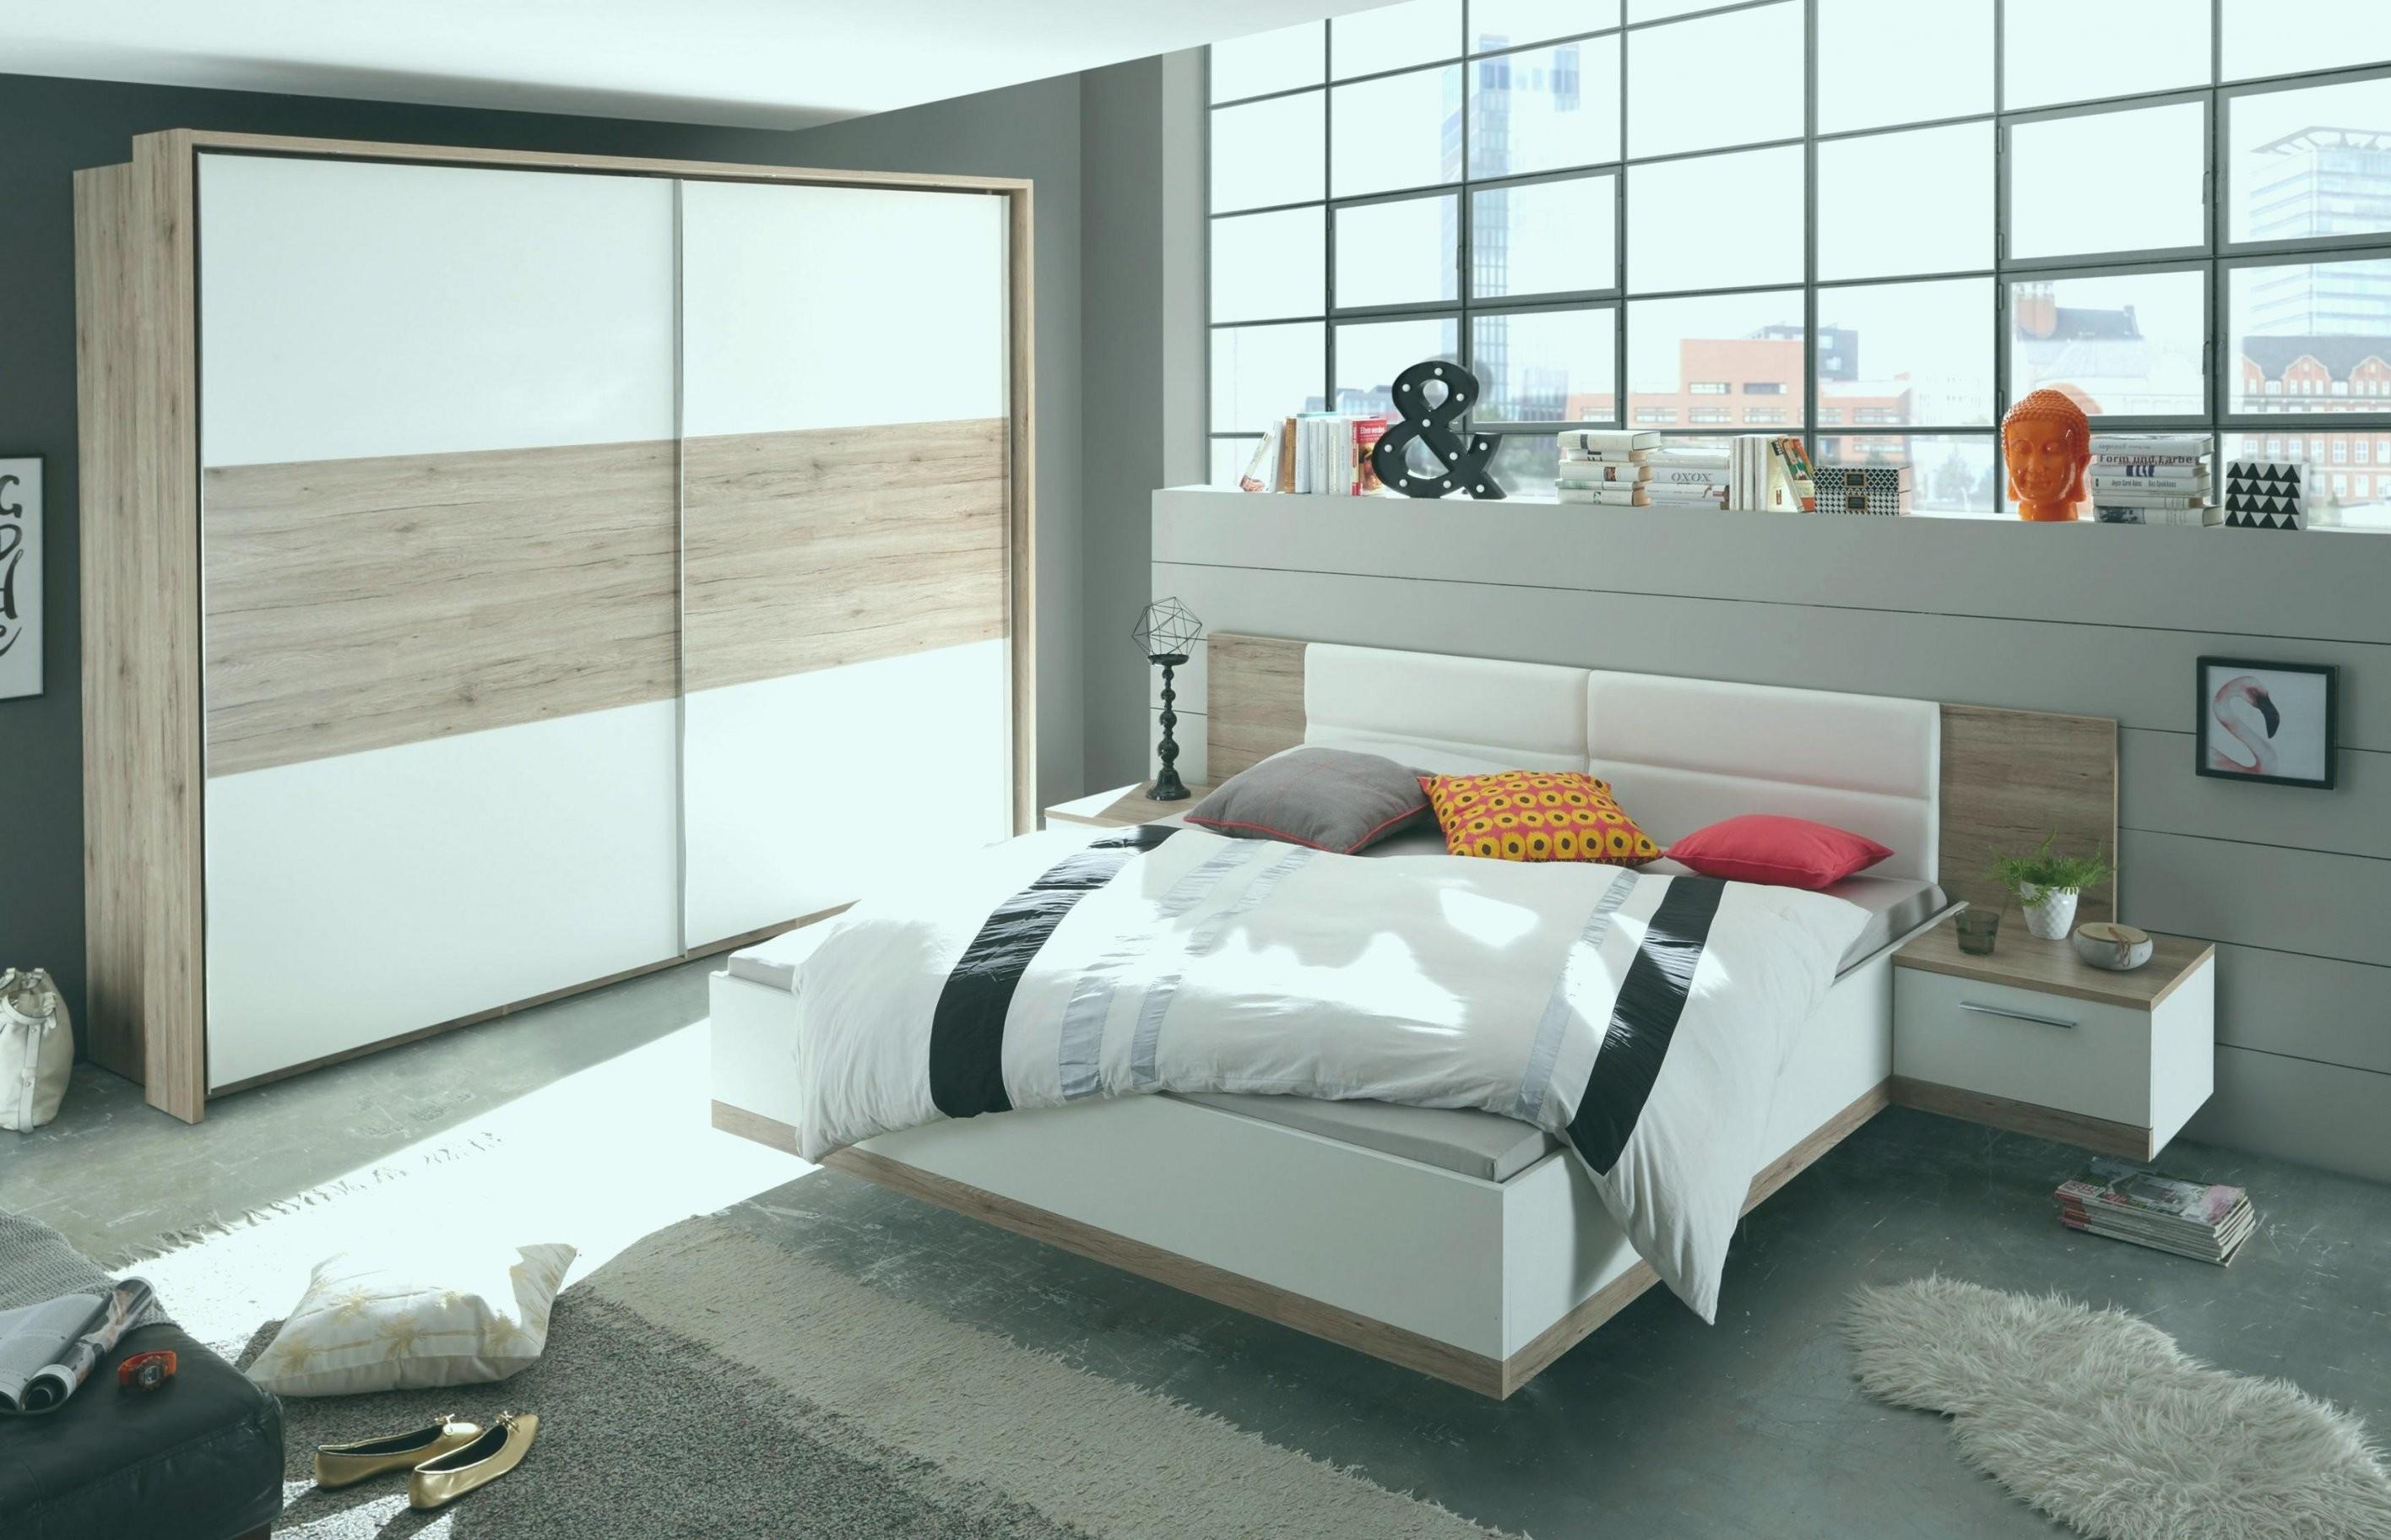 Schlafzimmer Komplett Mit Bett 200X200  Architektur Angebot von Bett 200X200 Gebraucht Bild